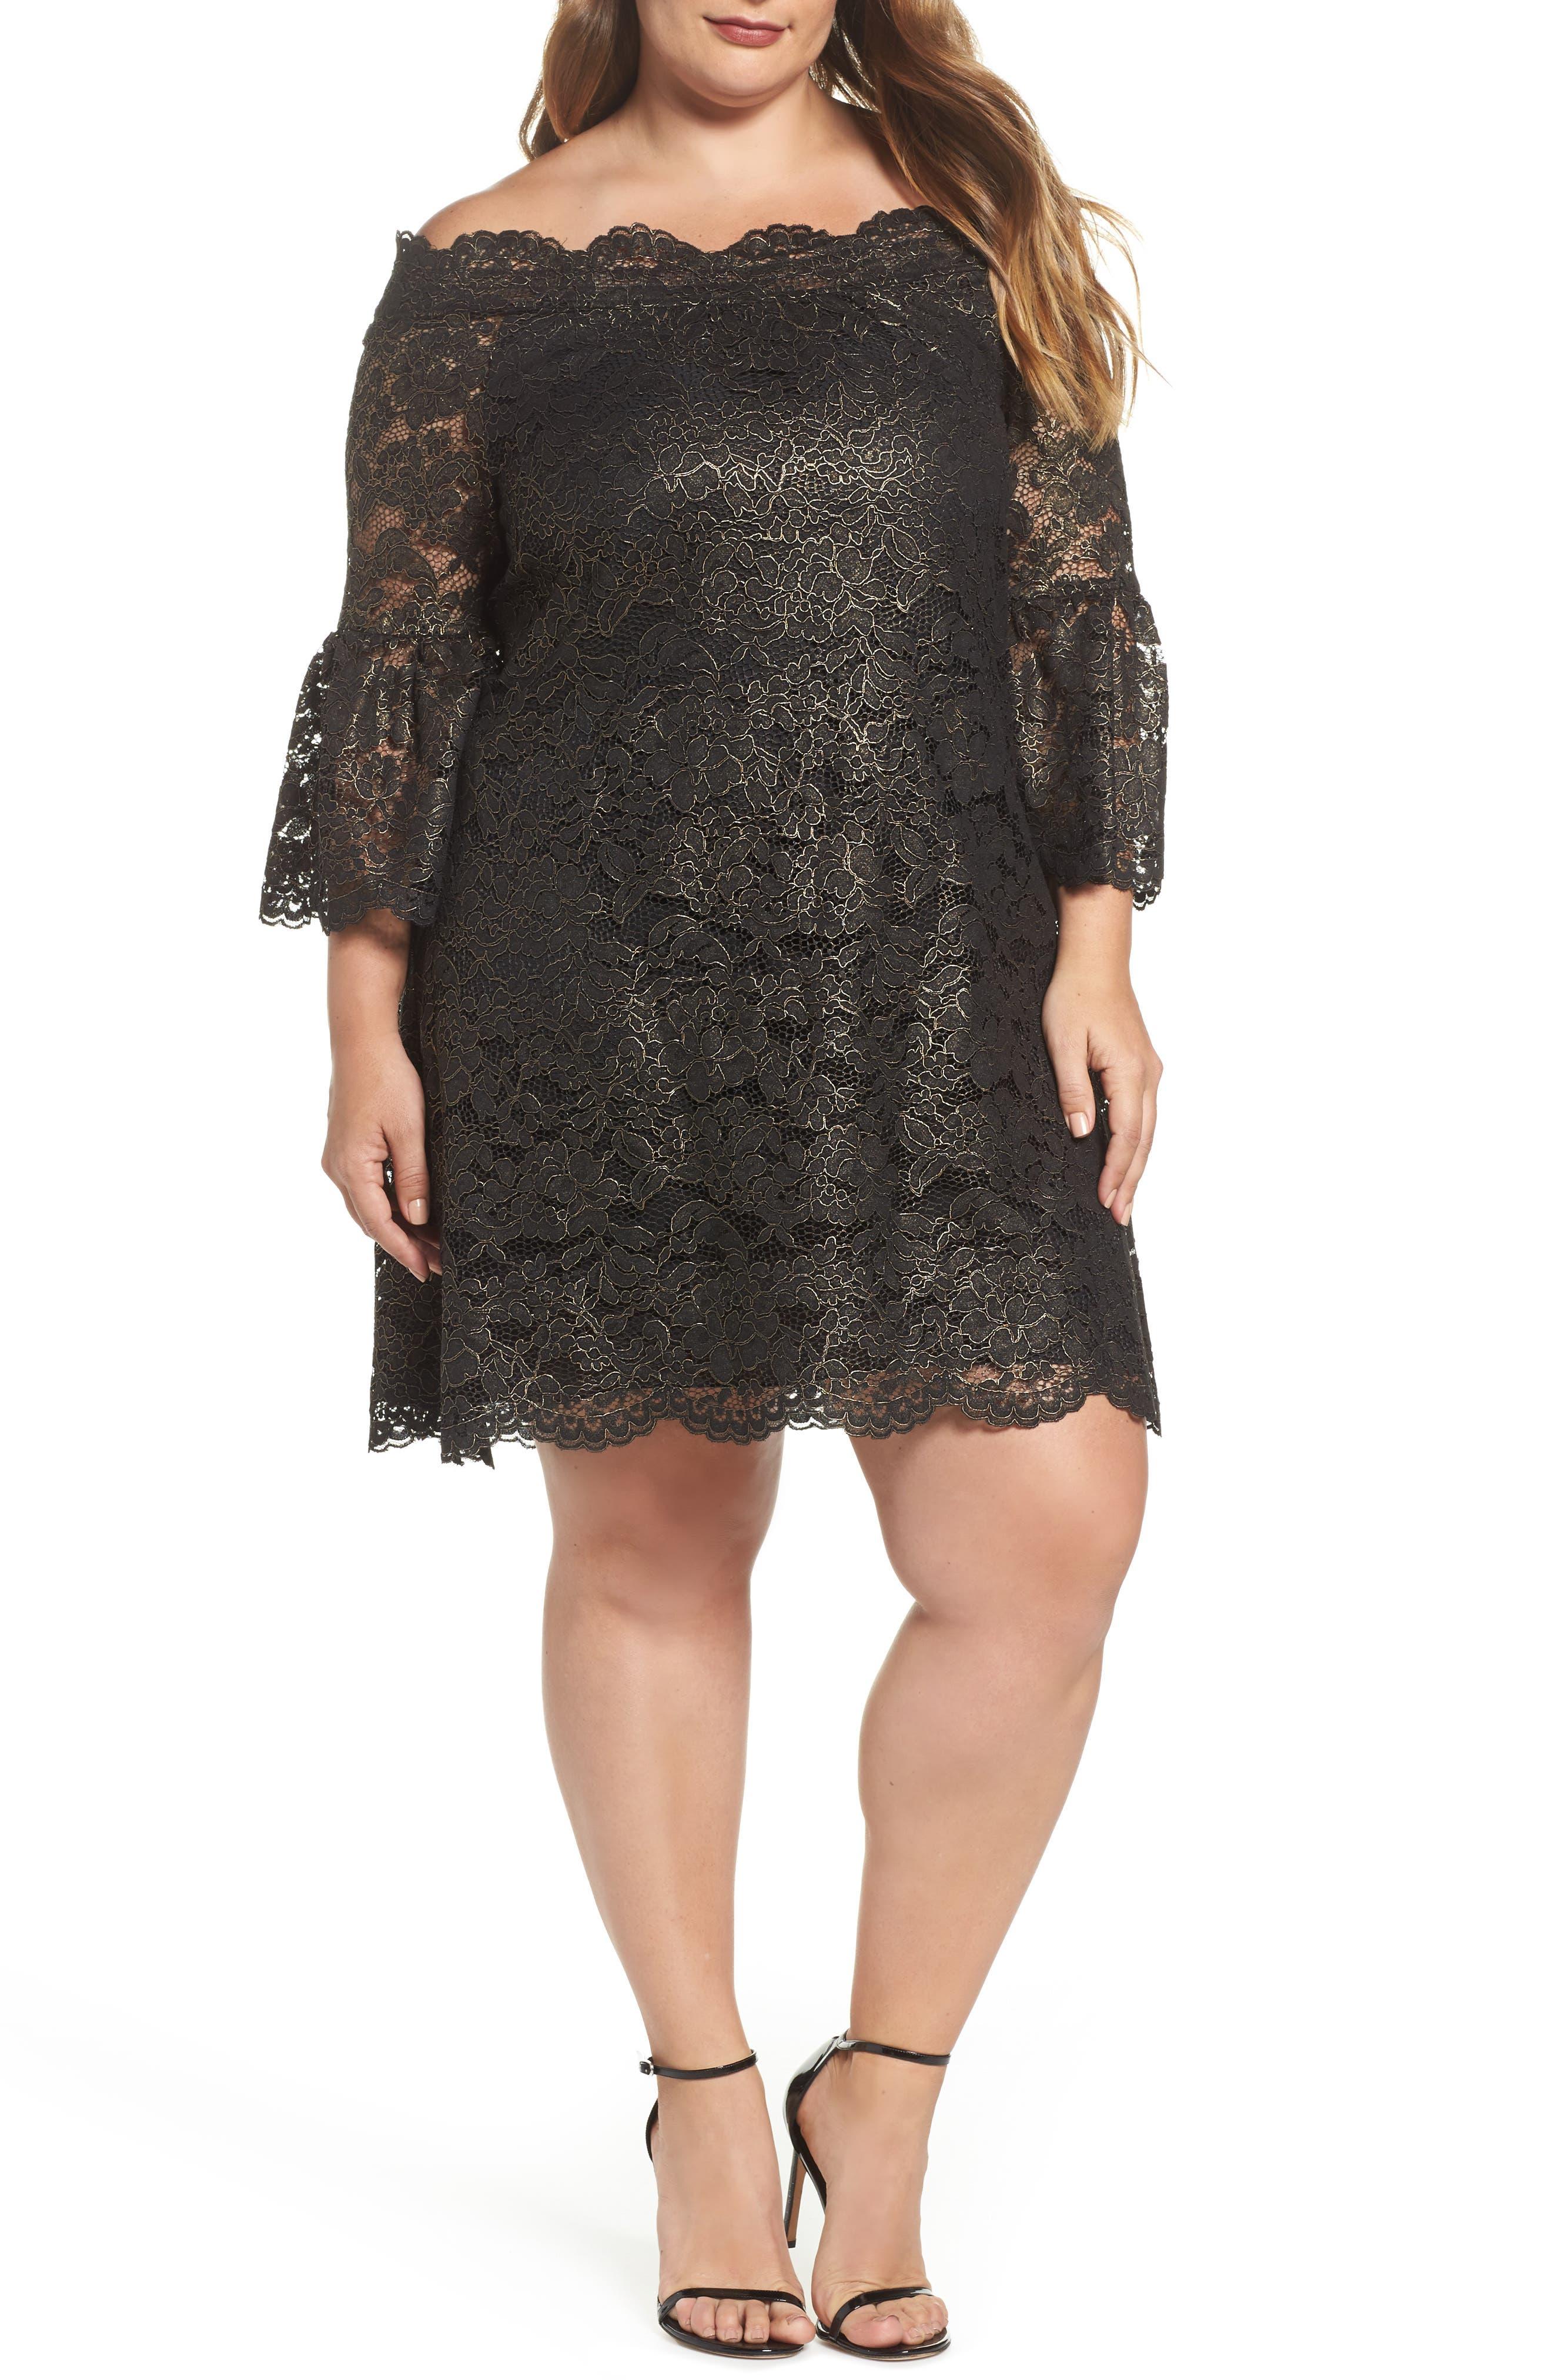 Off the Shoulder Black Gold Lace Dress,                         Main,                         color, Black Gold